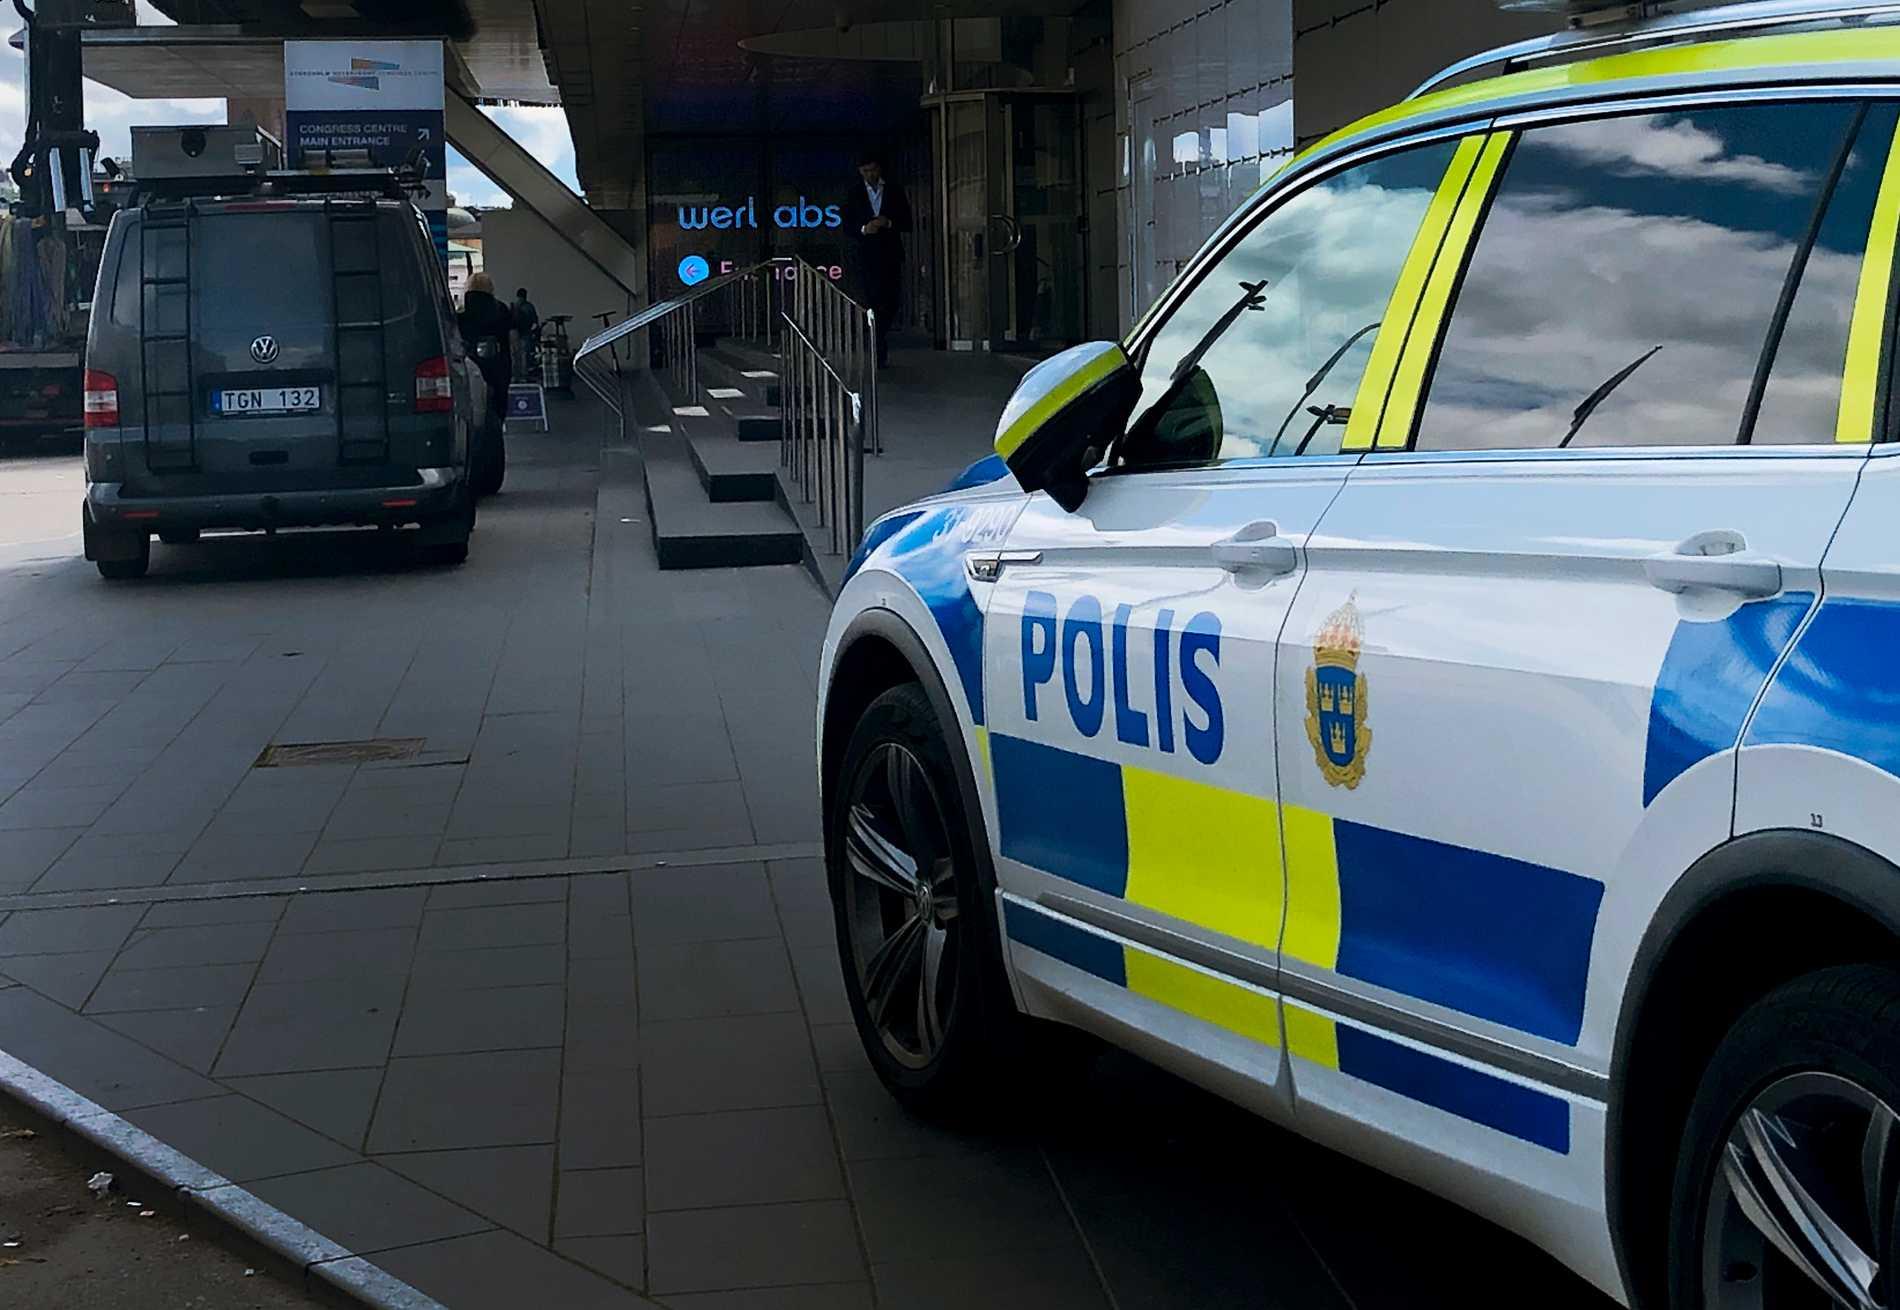 En kvinna hittades död på Norrmalm i centrala Stockholm strax innan klockan 03 under natten mot onsdagen.